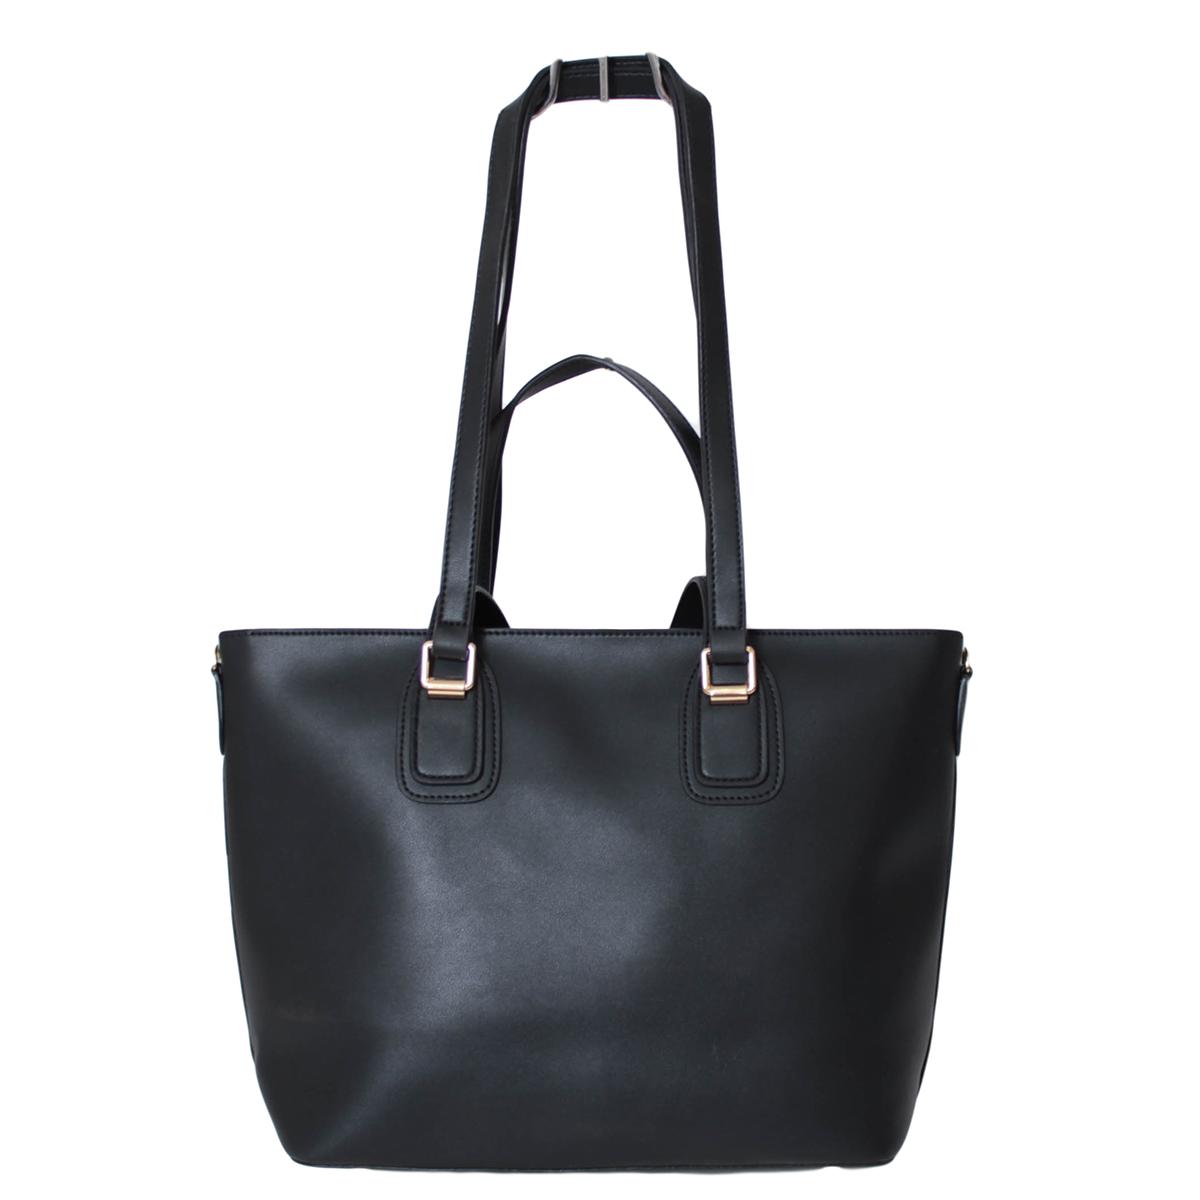 Сумка женская Flioraj, цвет: черный. 0005271900052719Закрывается на молнию. Внутри одно отделение. К сумке в наборе идет косметичка и длинный ремень.